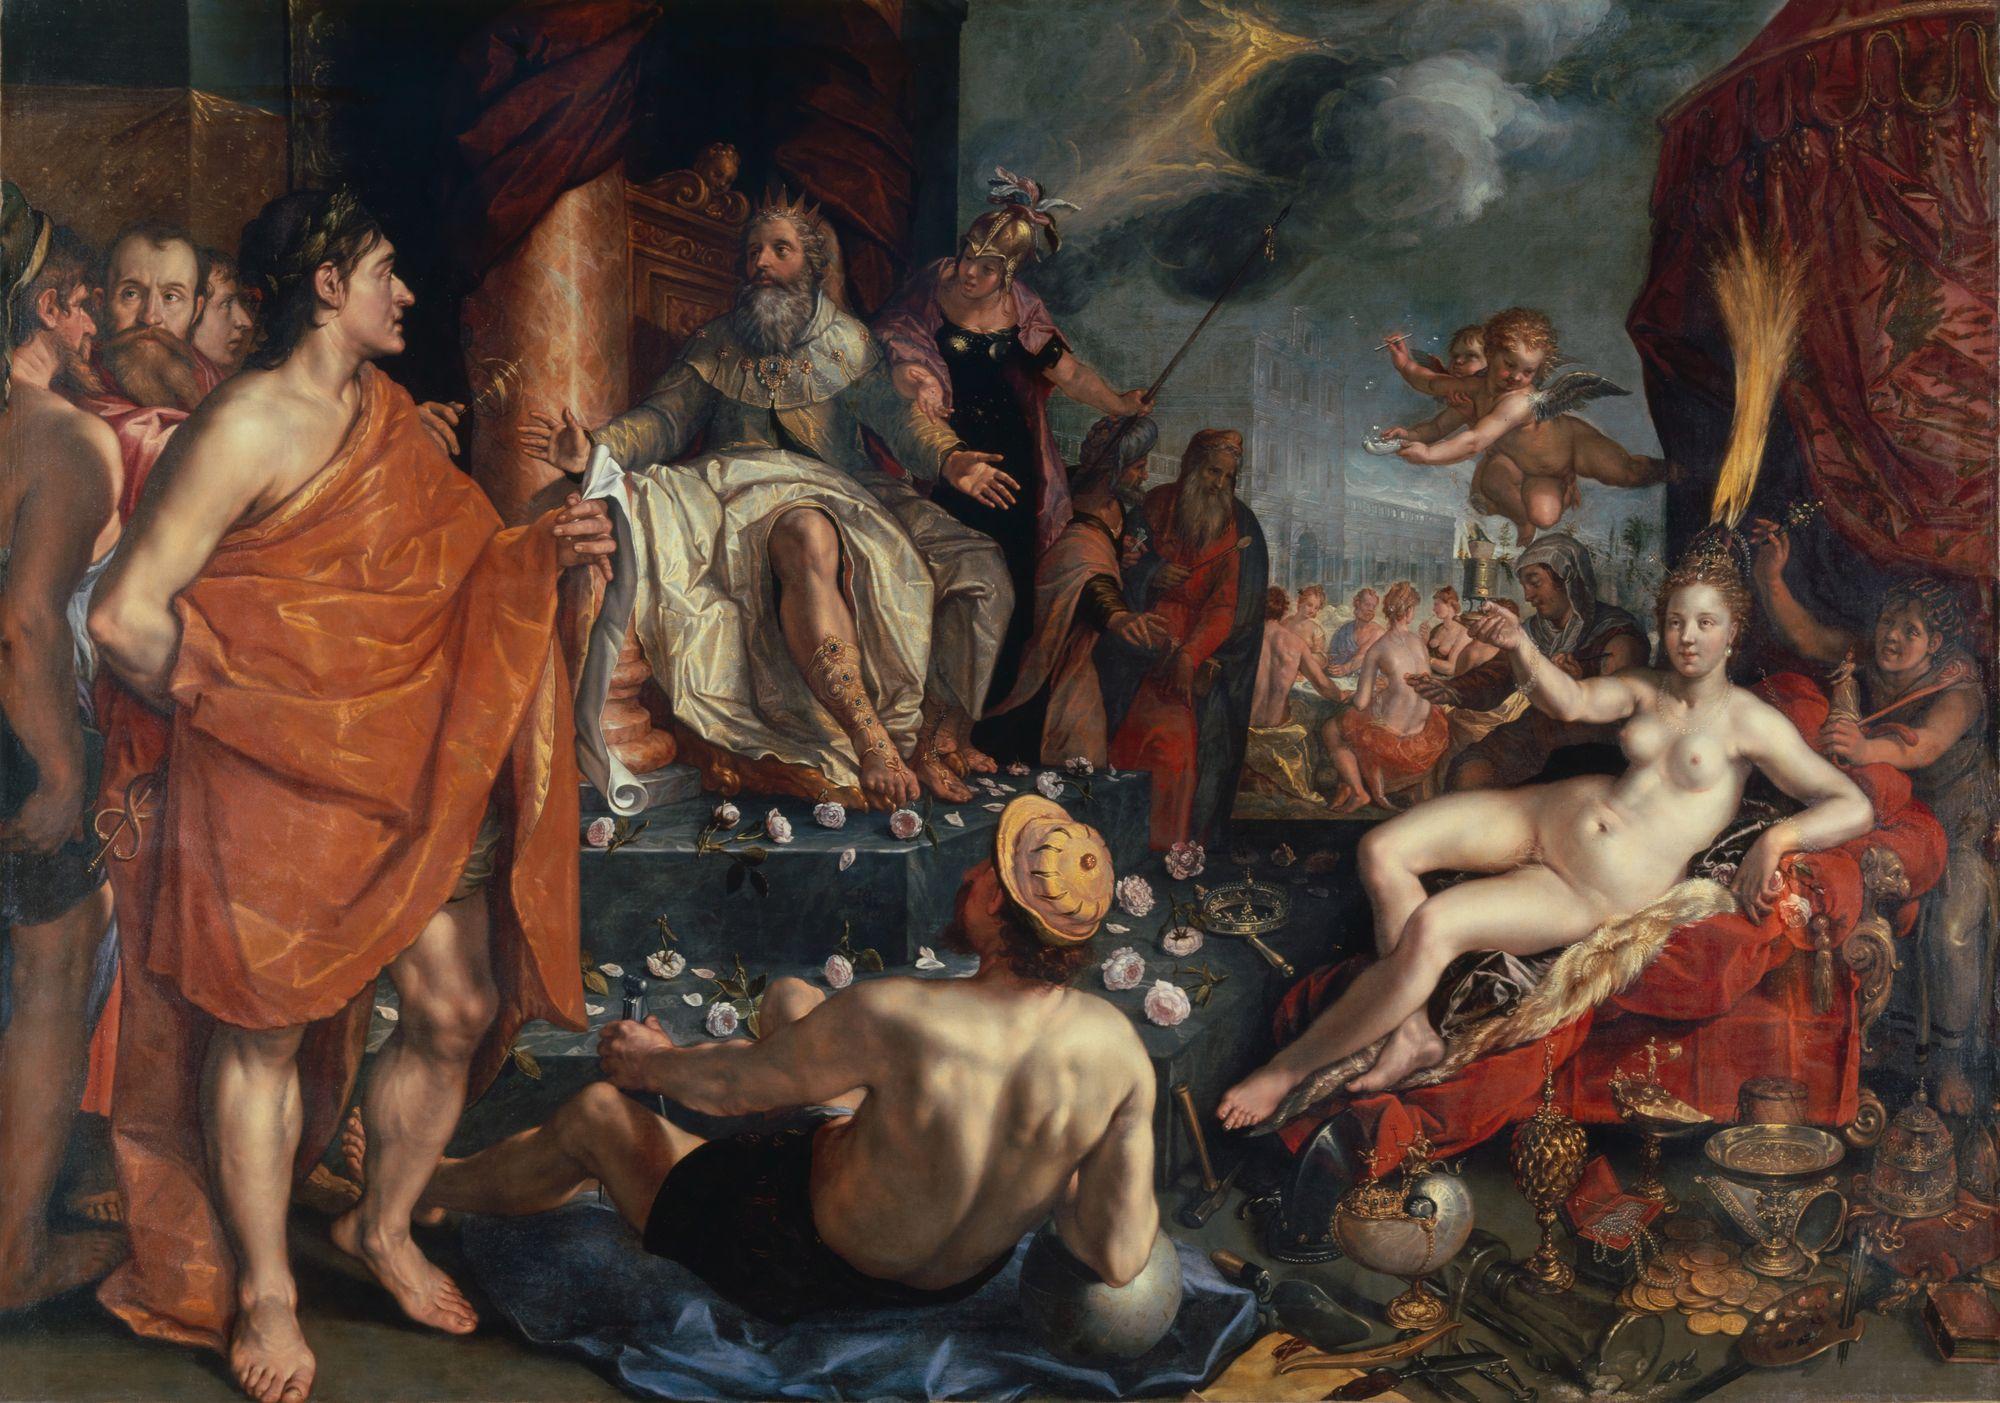 Hermes presenta a Pandora ante Epimeteo, quien prendado de la belleza de la mujer se caso con ella, a pesar de los anuncios realizados por Prometeo. Pintura de Hendrick Goltzius.